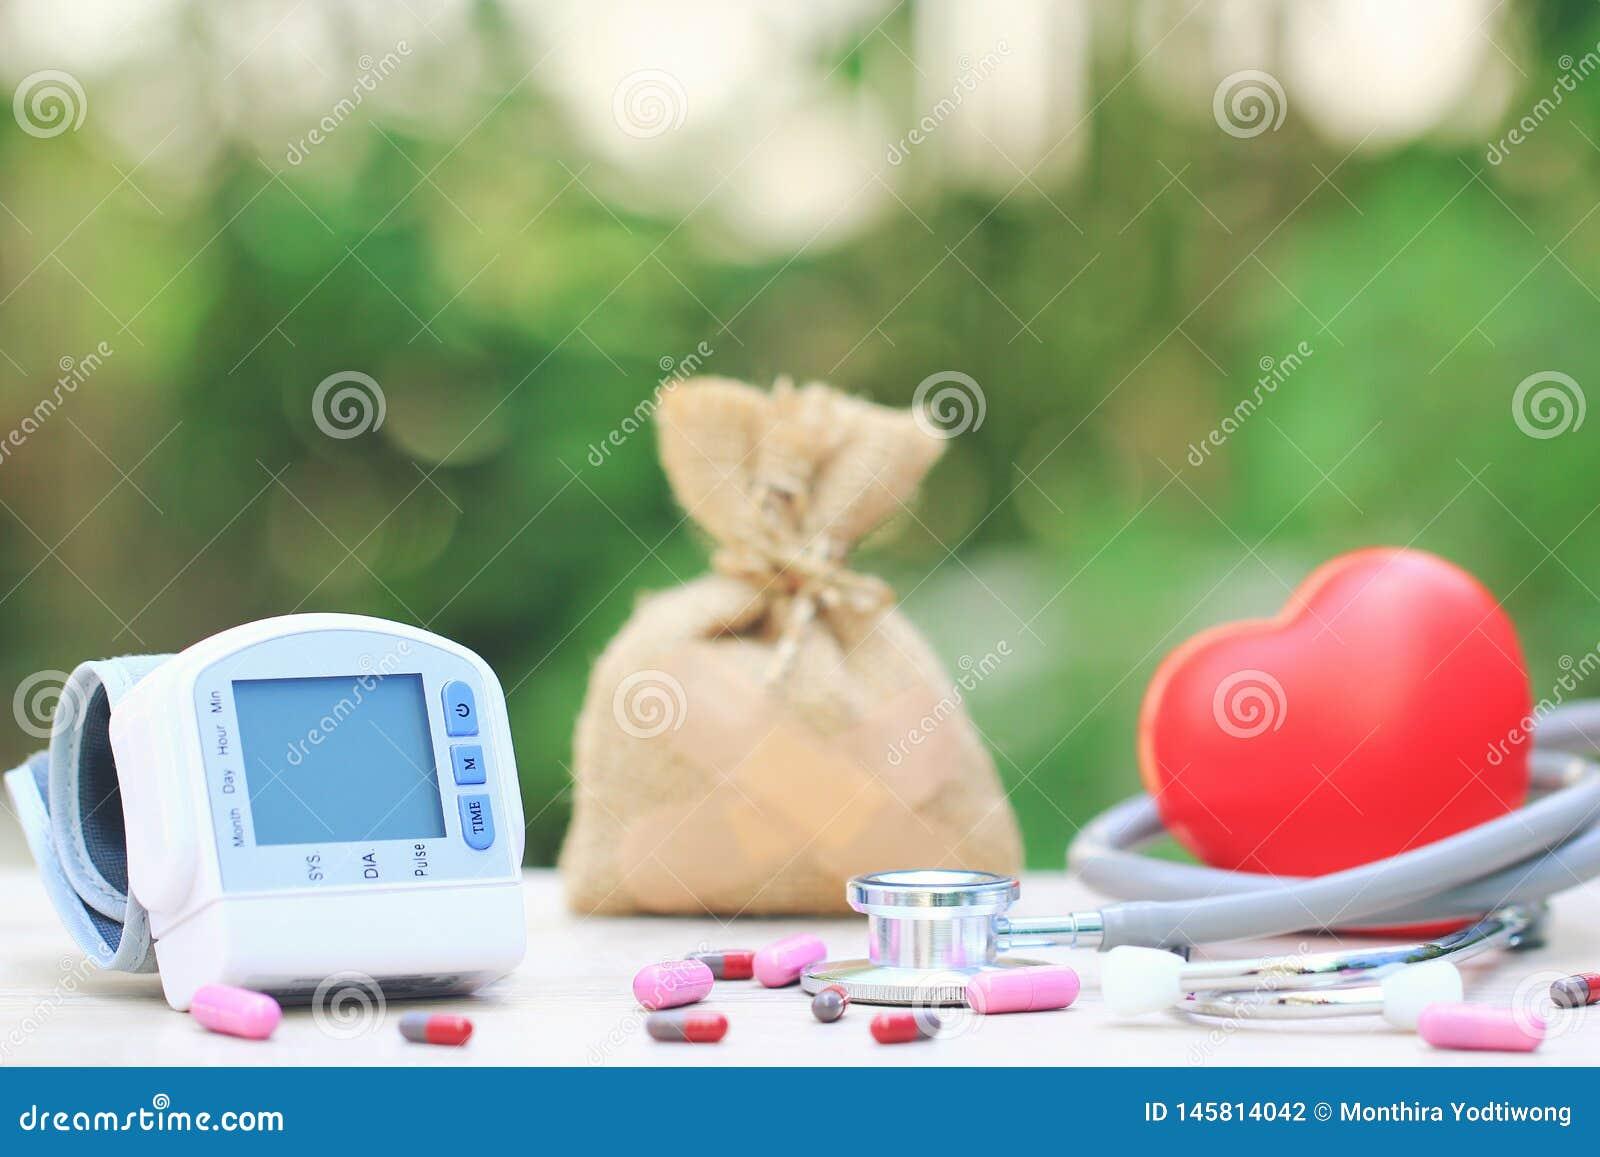 Medyczny tonometer dla pomiarowego ciśnienia krwi z stetoskopem i czerwieni serce na zielonym tle, wydatkach na leczenie i zdrowi